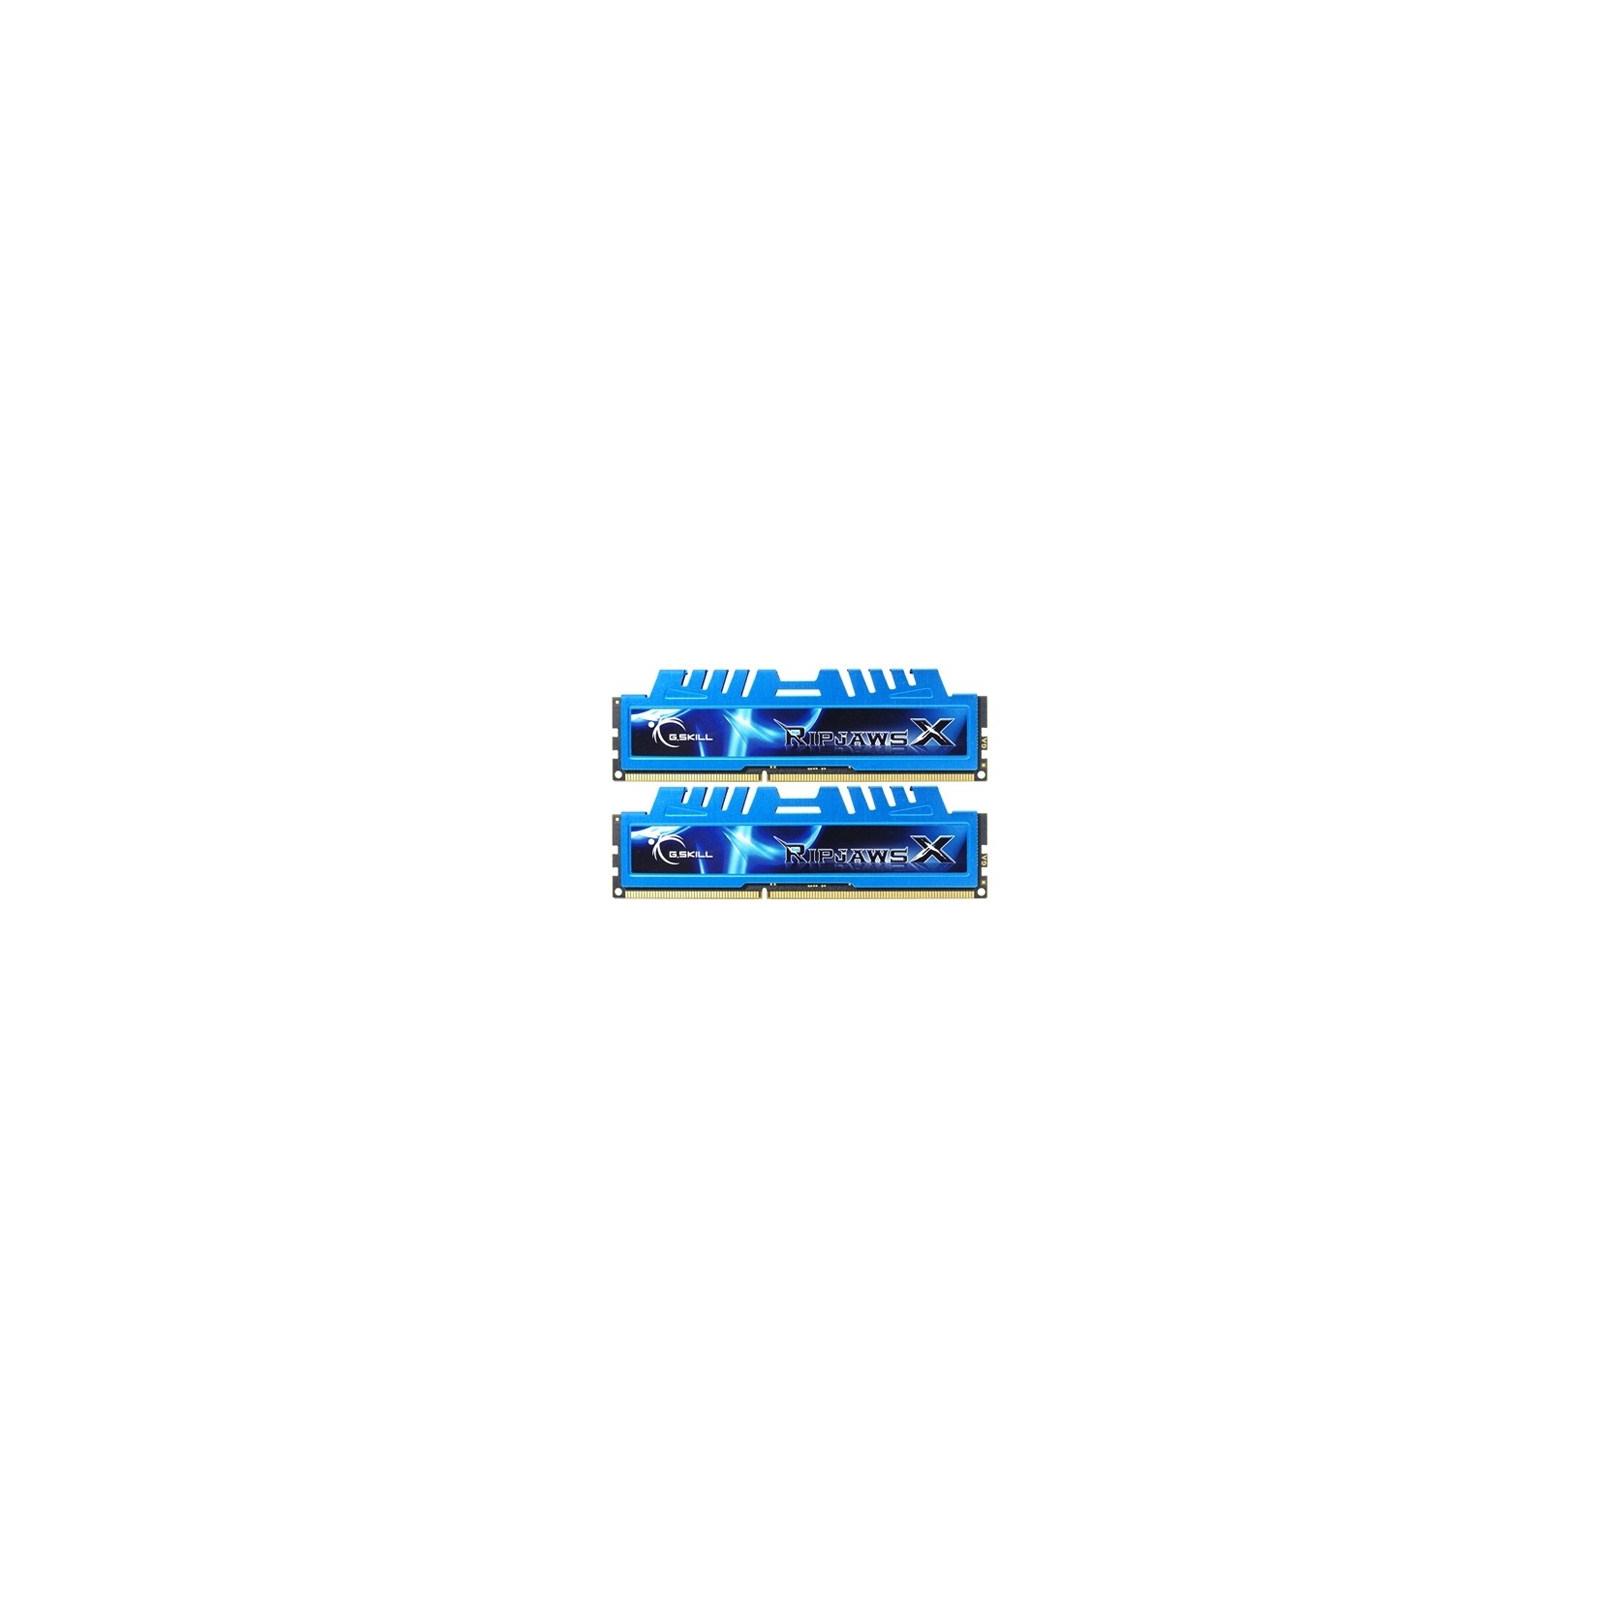 Модуль памяти для компьютера DDR3 4GB (2x2GB) 1600 MHz G.Skill (F3-12800CL8D-4GBXM)